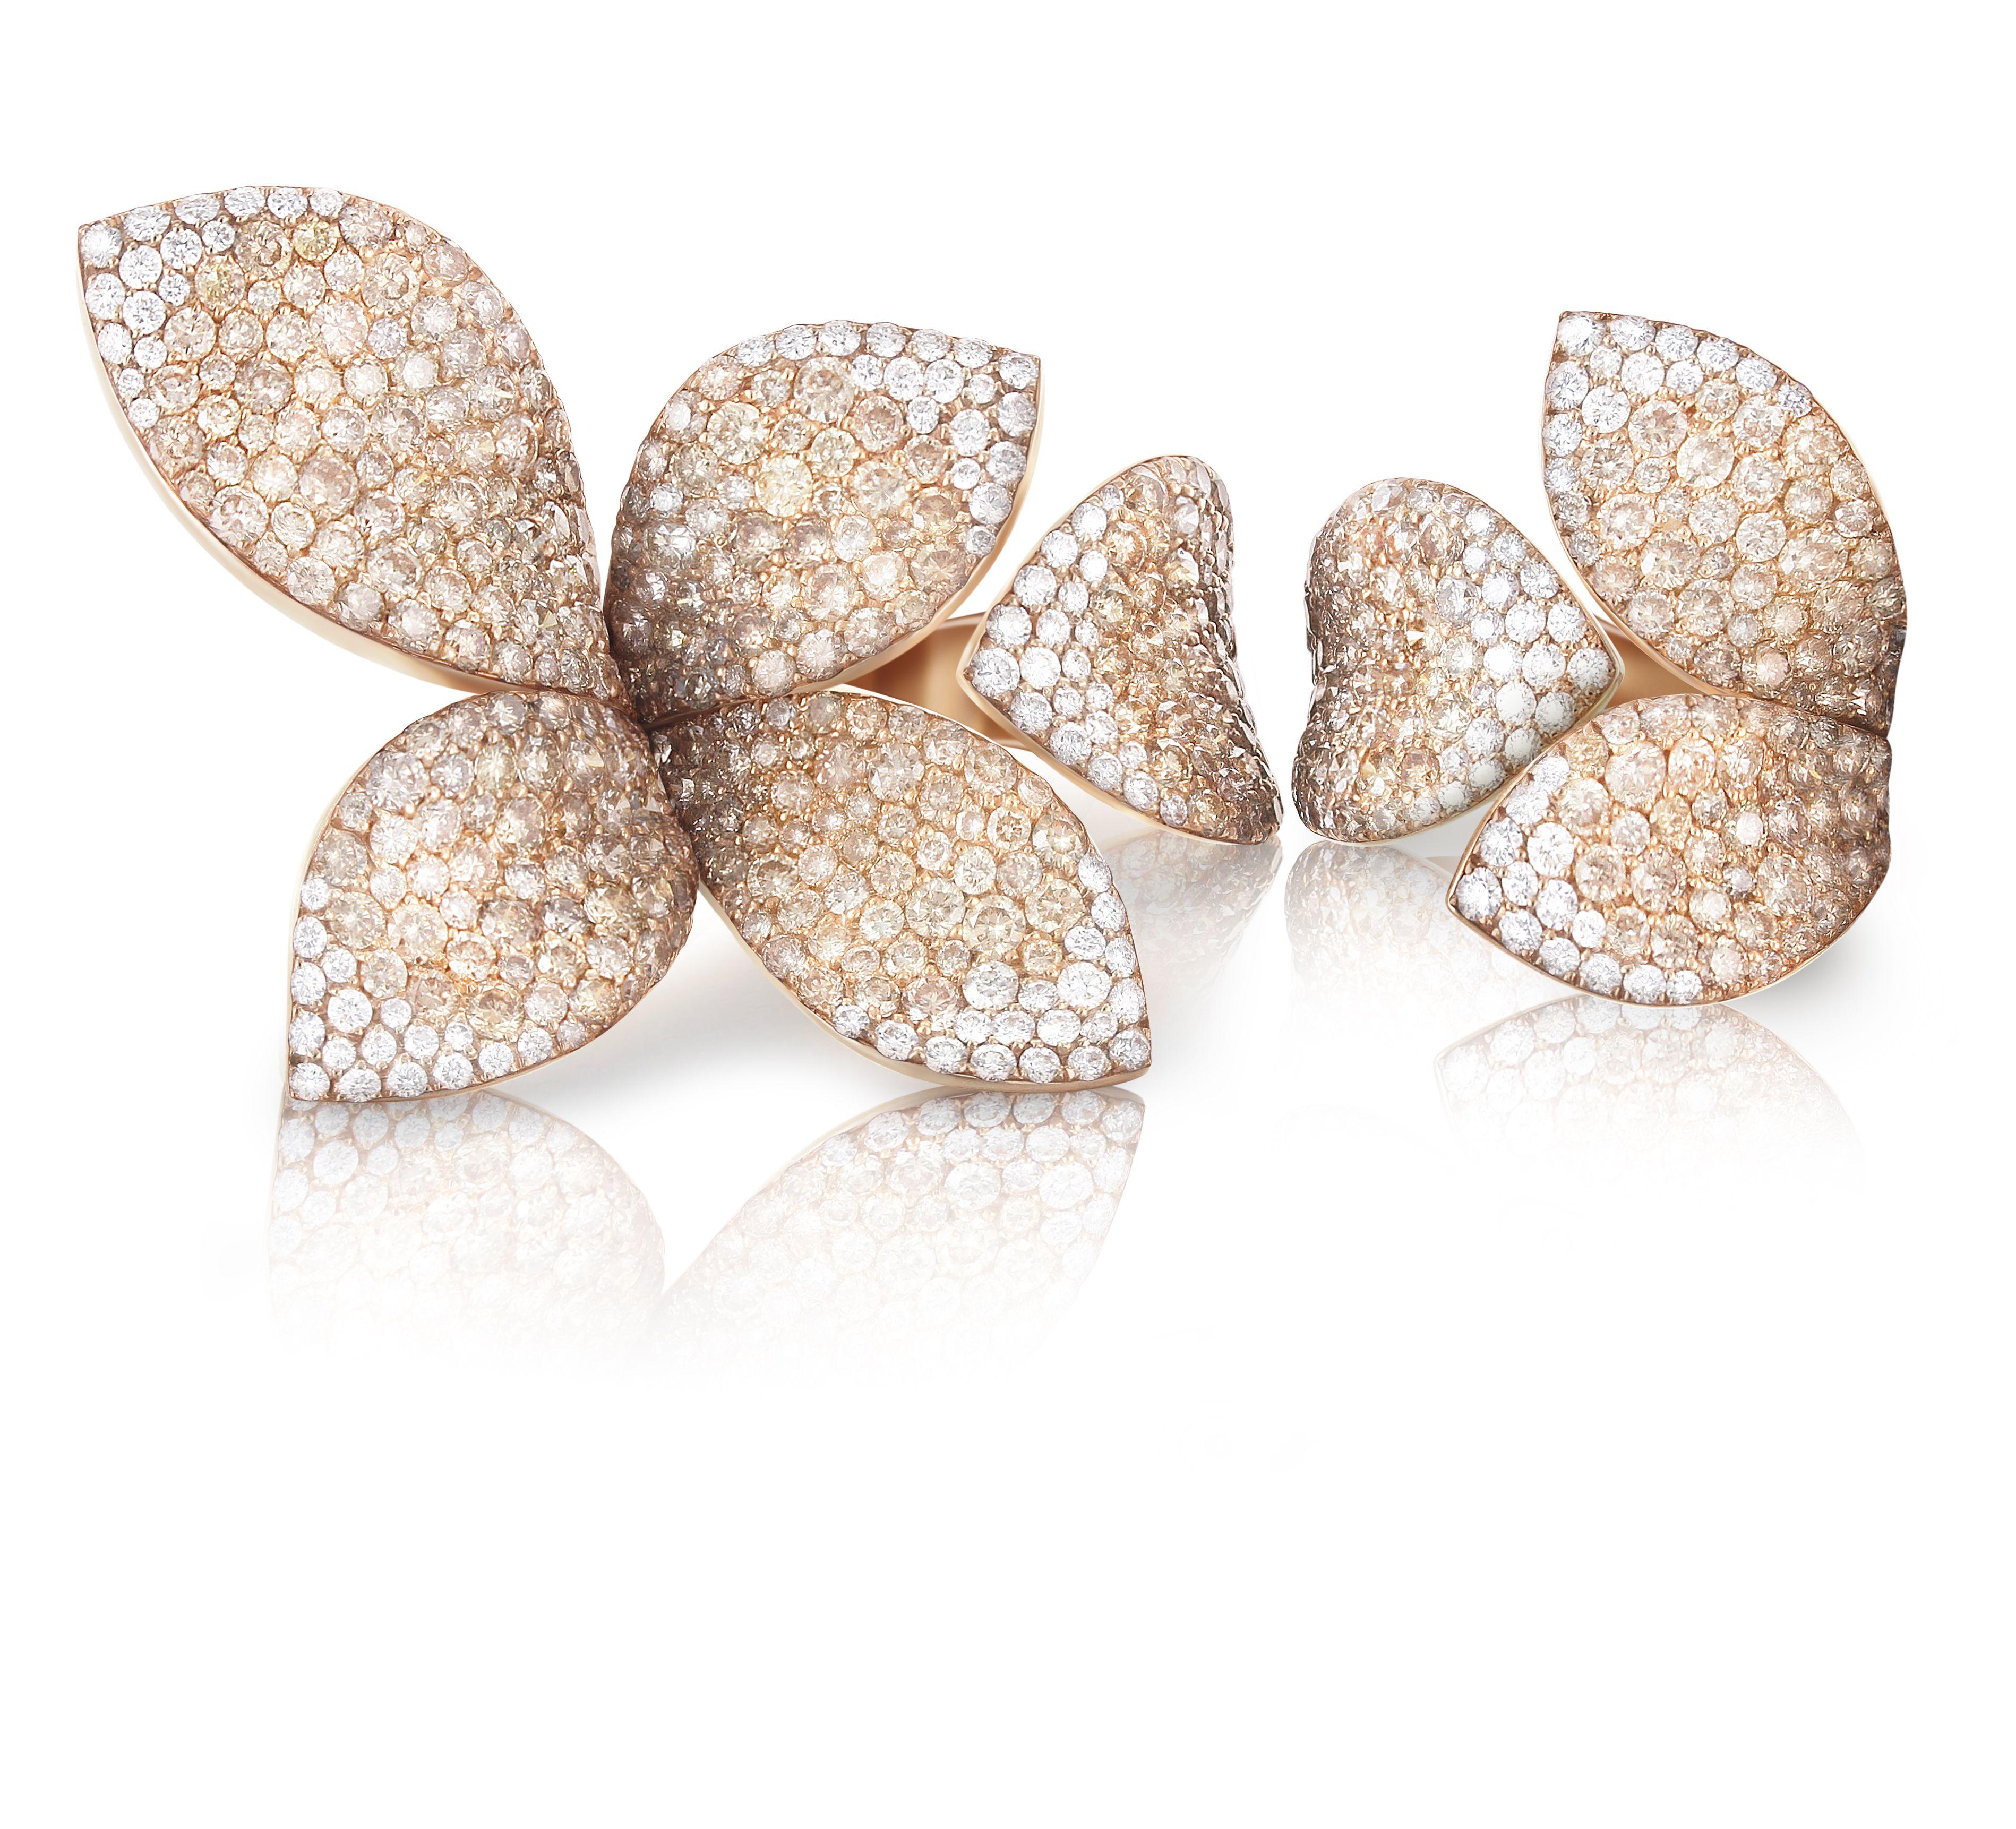 Pasquale Bruni Giardini Secreti 18K White Gold Diamond Petal Ring eRz1LGa1i